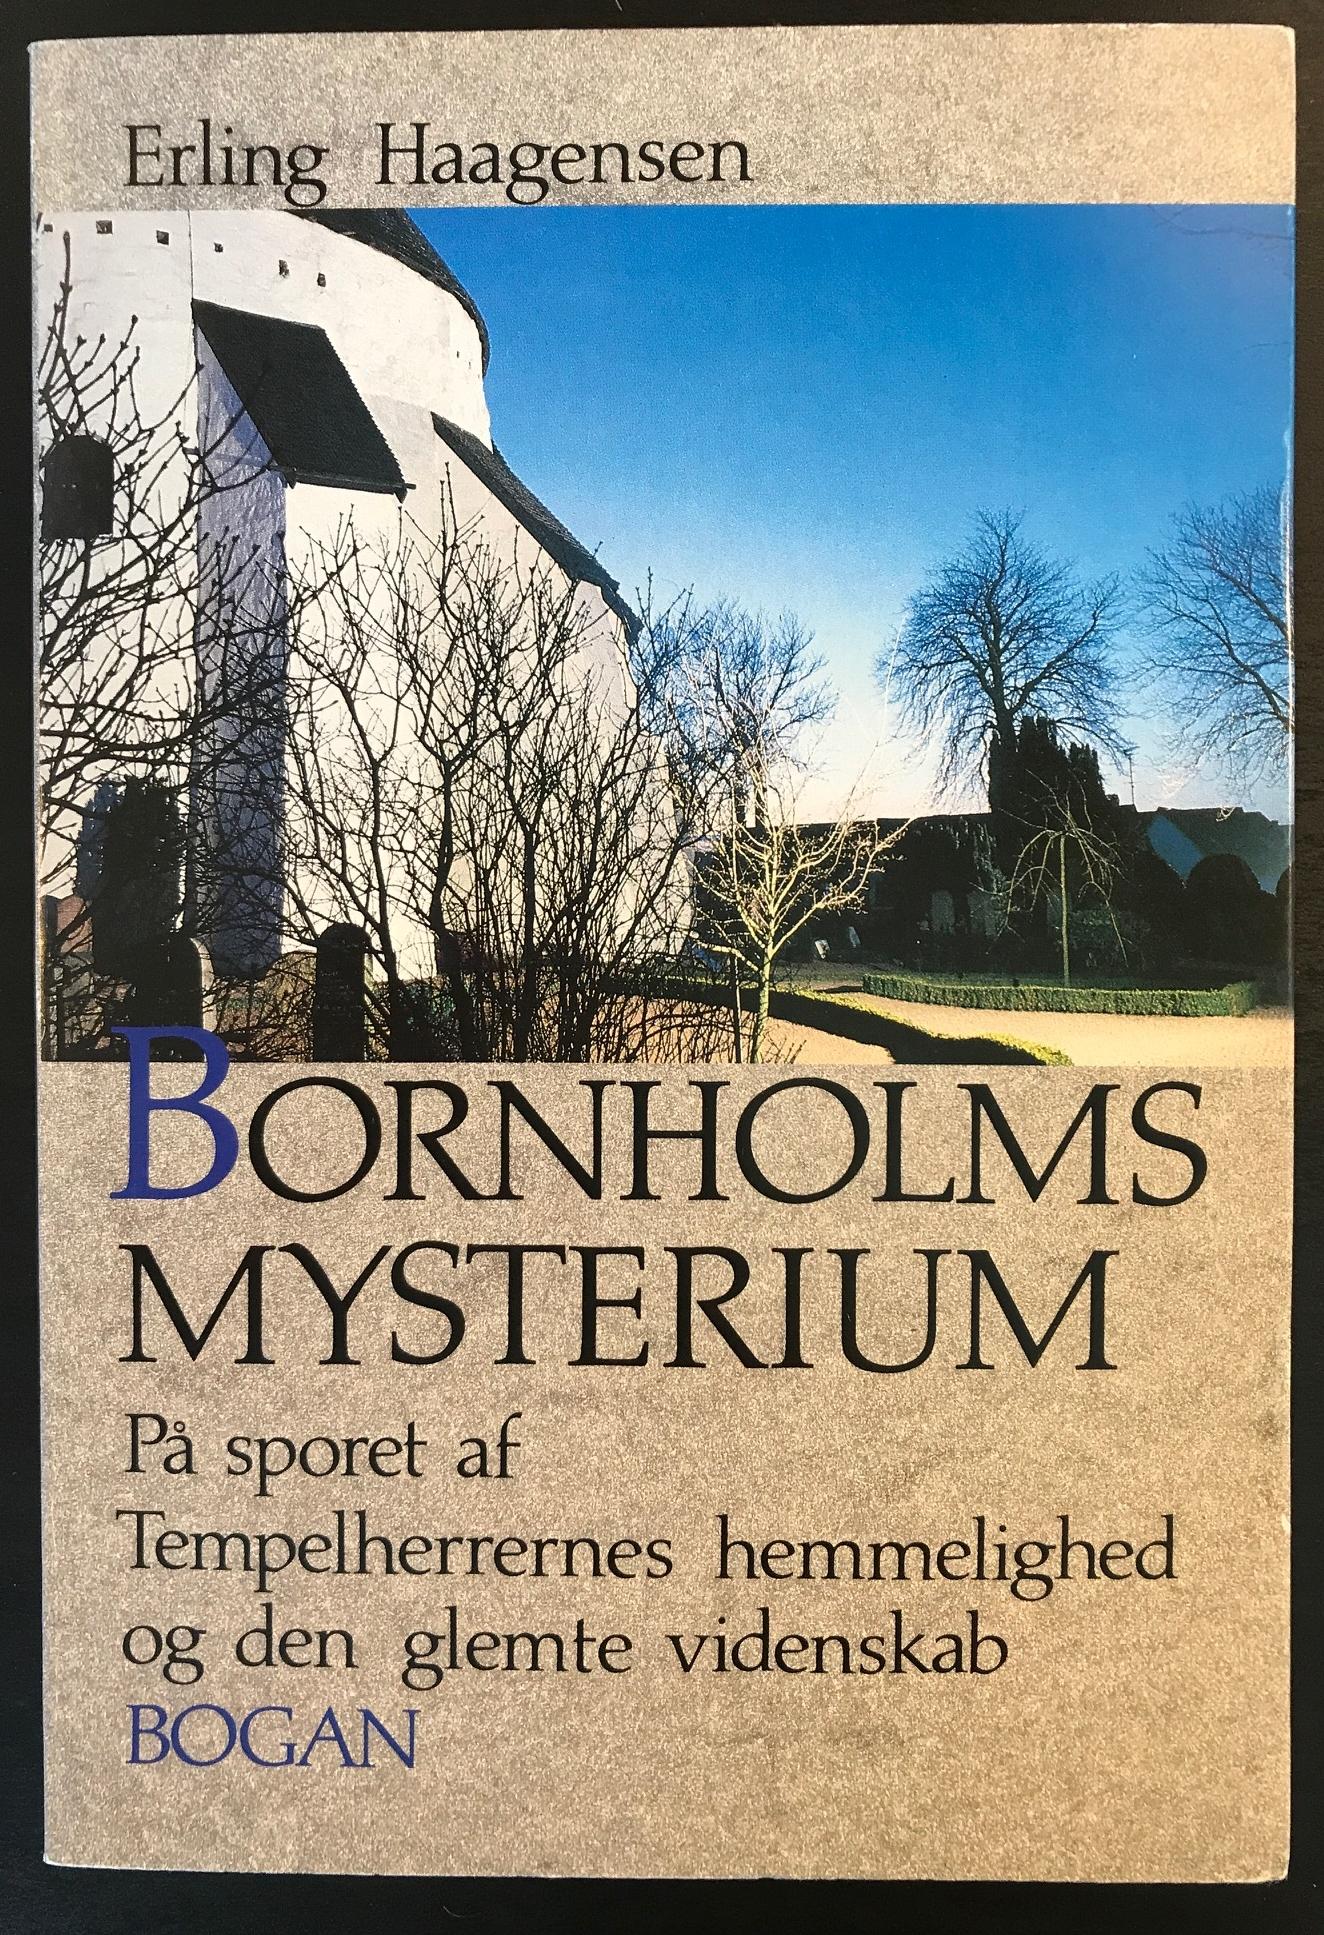 Bornholms Mysterium På sporet af Tempelherrernes hemmelighed og den glemte videnskab